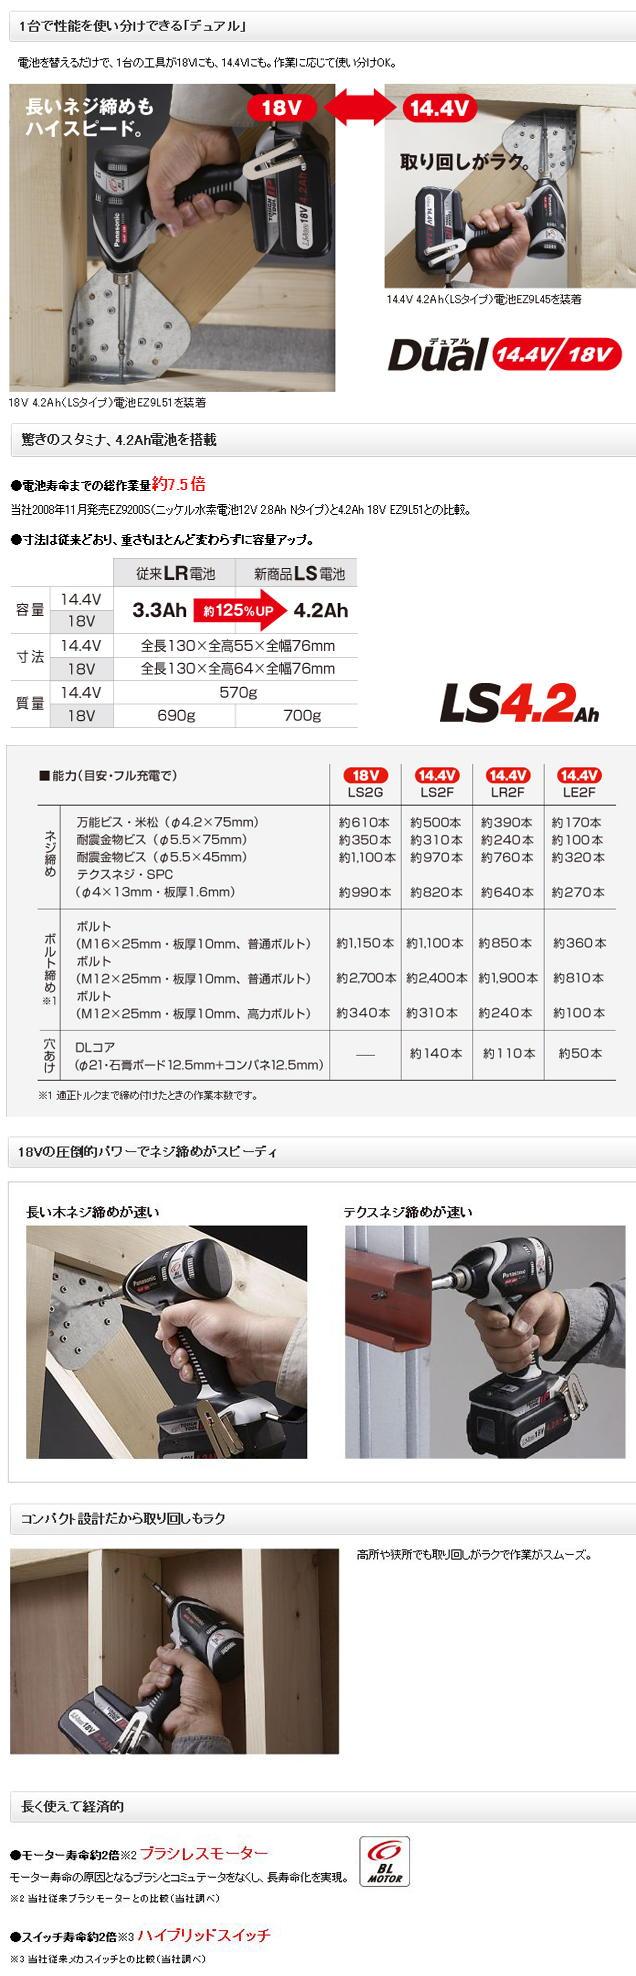 パナソニック 14.4V-4.2Ah充電インパクトドライバー EZ75A1(電池パックLSタイプ)